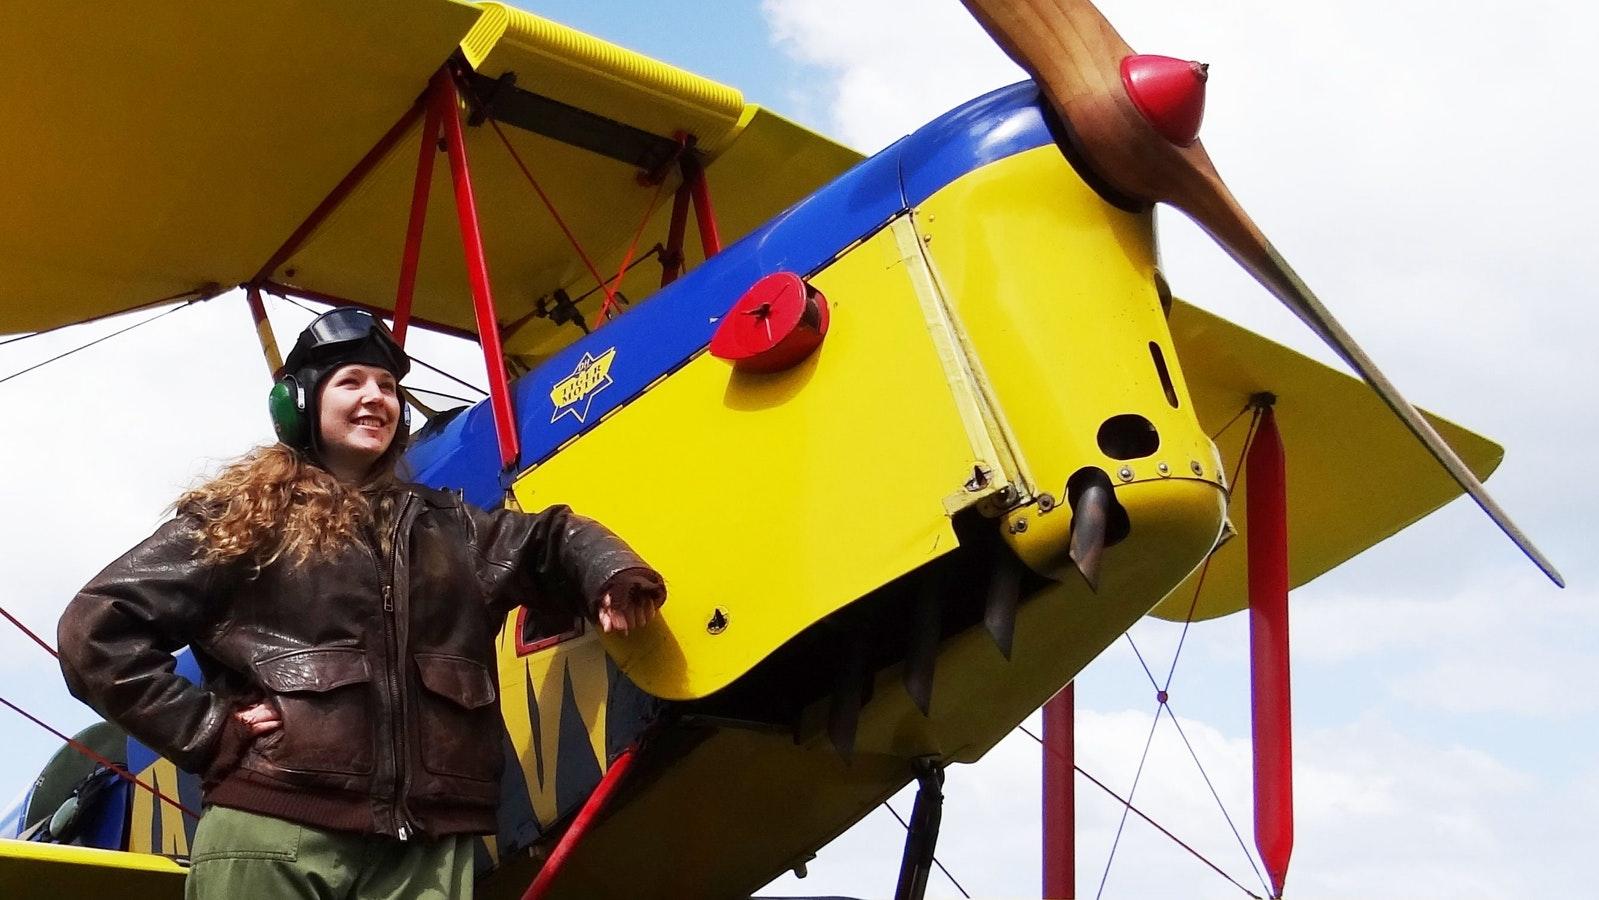 Tiger Moth World passenger ready for flight